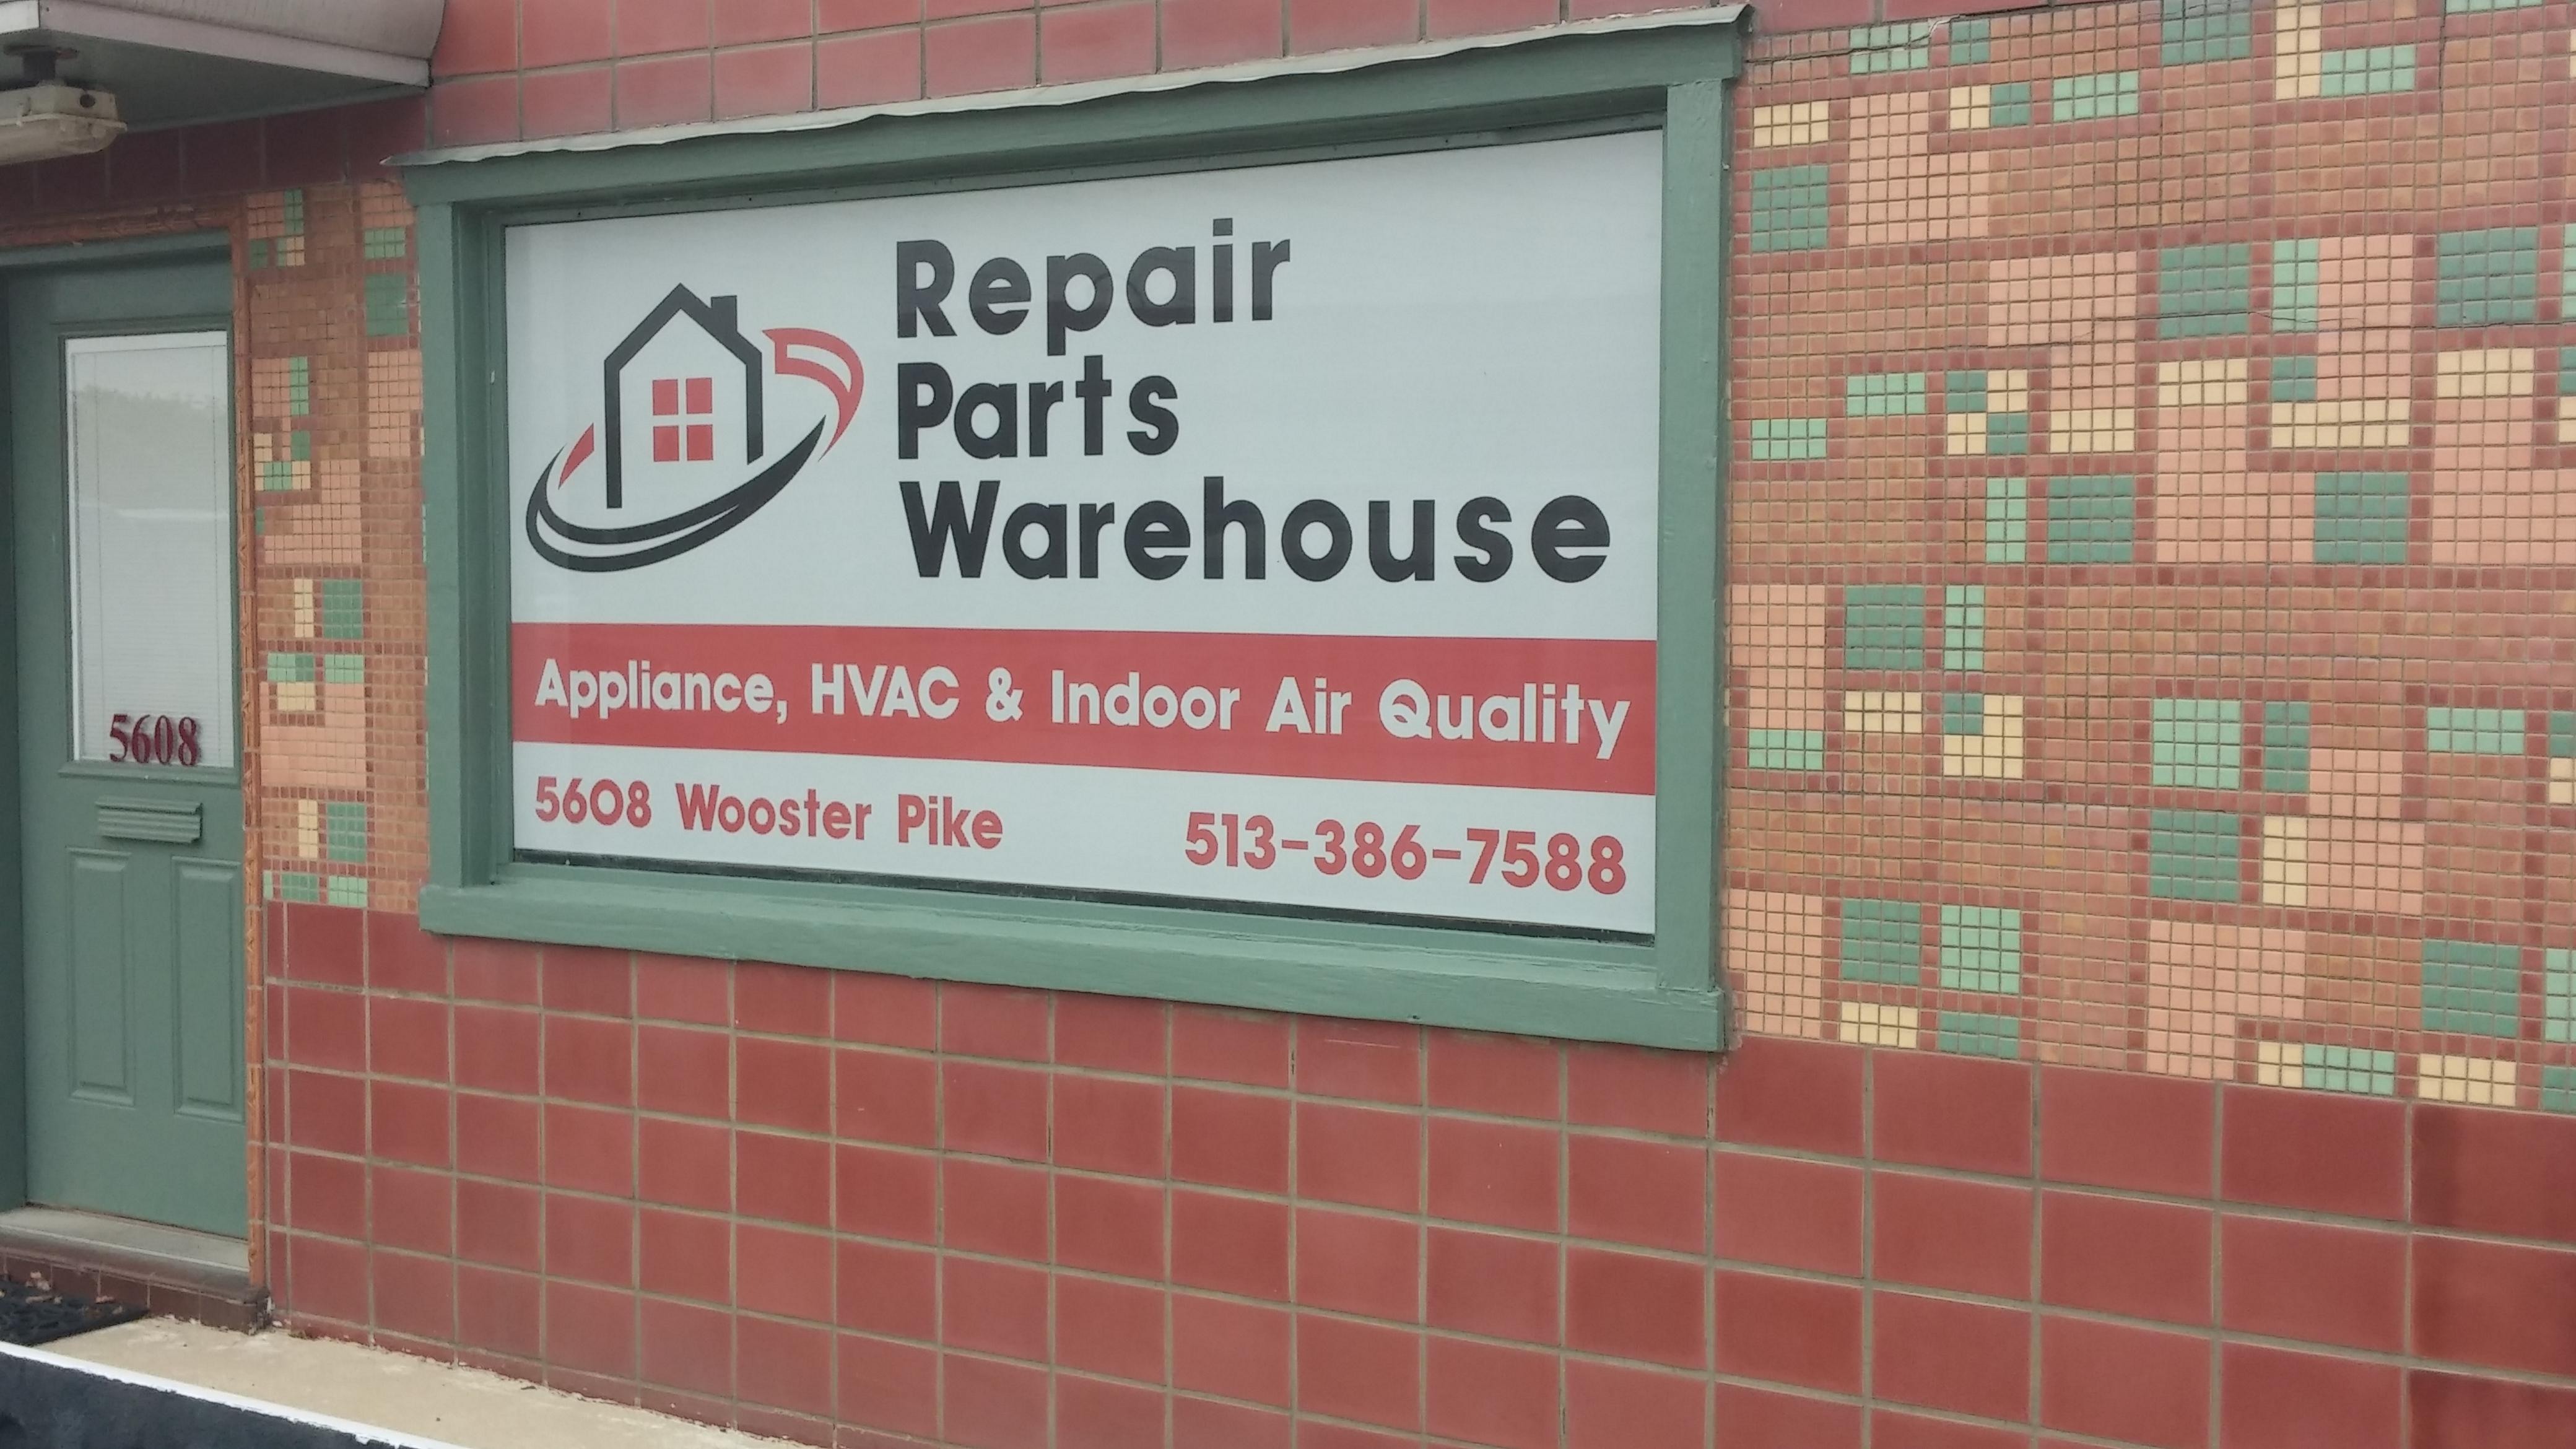 Appliance Repair Cincinnati Oh Repair Parts Warehouse Cincinnati Oh 45227 Ypcom